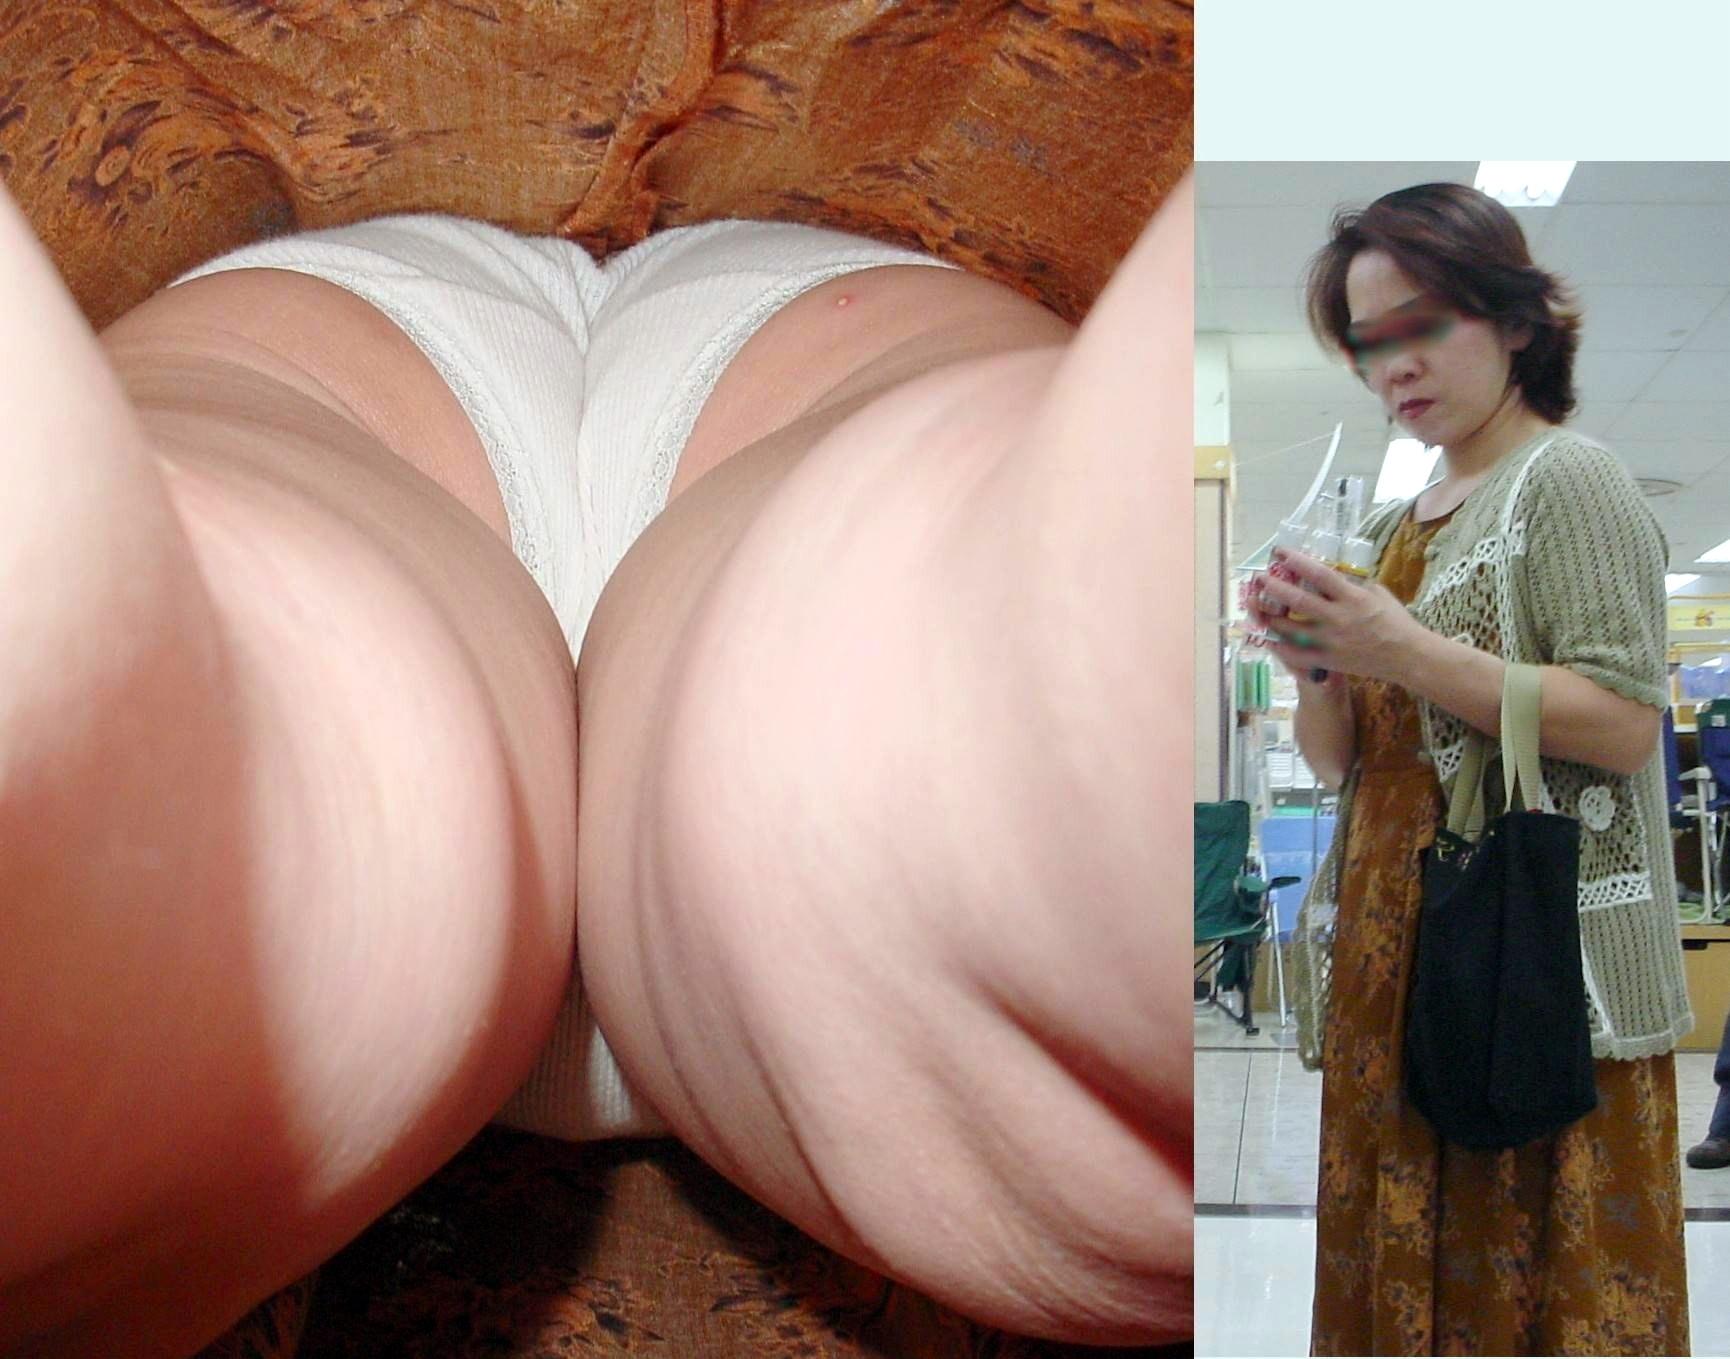 逆さ撮りパンチラjyukujyos01_0106.jpg